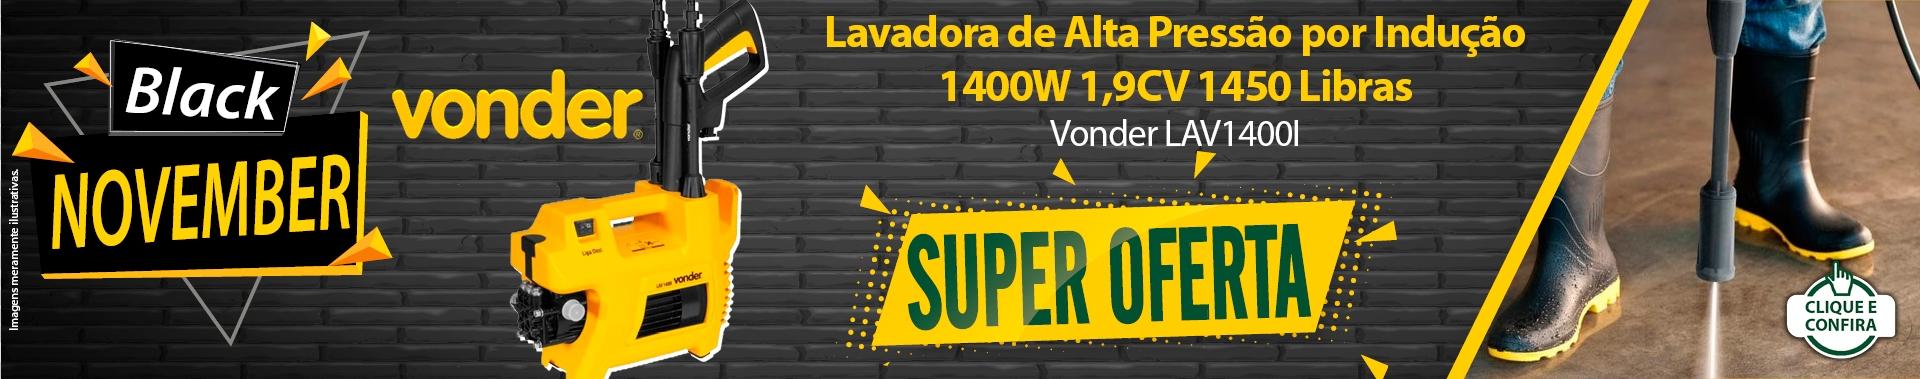 Super Oferta: Lavadora de Alta Pressão por Indução 1400W 1,9CV 1450 Libras - Vonder LAV1400I